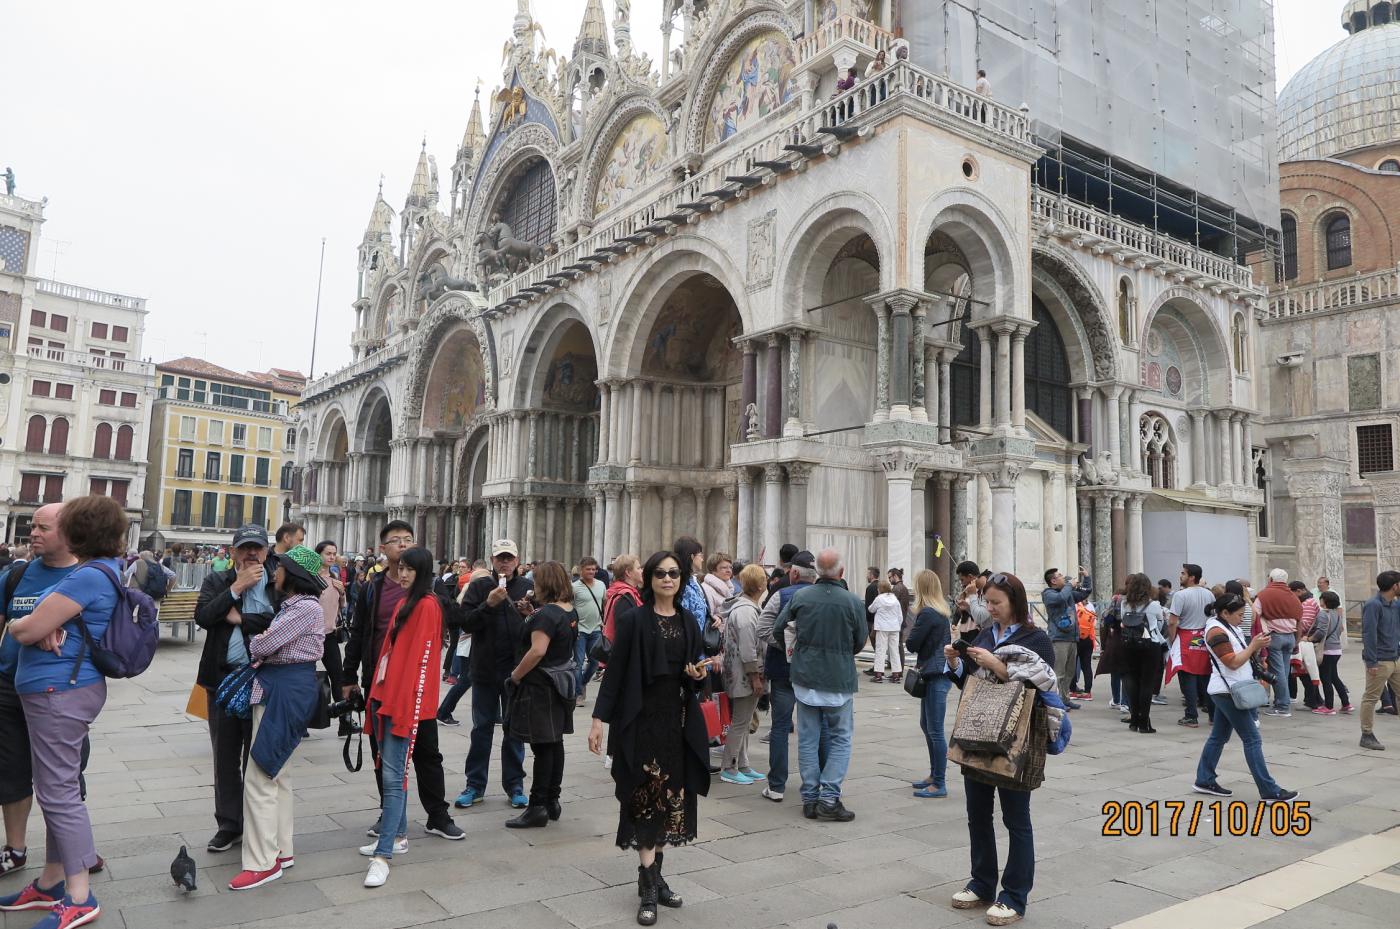 水乡威尼斯:无限的魅力永久的回忆_图1-20